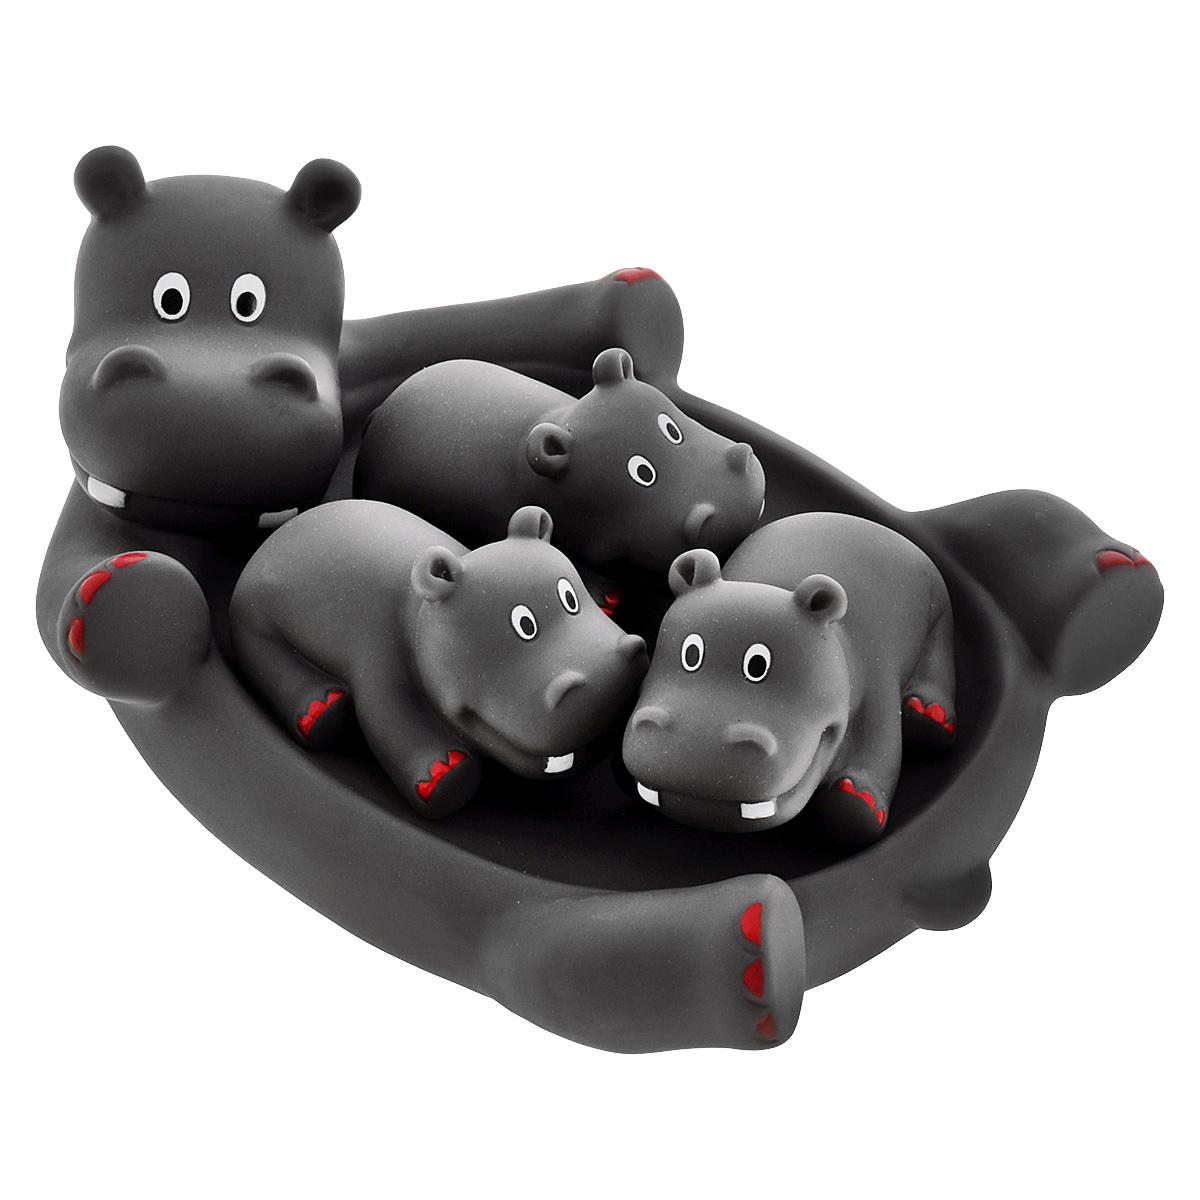 Игровой набор для ванны Mioshi Семья бегемотиков, 4 штMAU0304-017С набором для ванны Mioshi Семья бегемотиков принимать водные процедуры станет ещё веселее и приятнее. Набор включает в себя обаятельное семейство бегемотиков: маму и 3 детишек. Все составляющие набора приятны на ощупь, имеют удобную для захвата маленькими пальчиками эргономичную форму и быстро сохнут. Забавным дополнением также будет возможность игрушек брызгать водой при сжатии. Устраивайте водные сражения! Игрушки Mioshi Aqua помогают малышам быстрее приспосабливаться к водной среде, а процесс принятия водных процедур делают веселым и увлекательным.